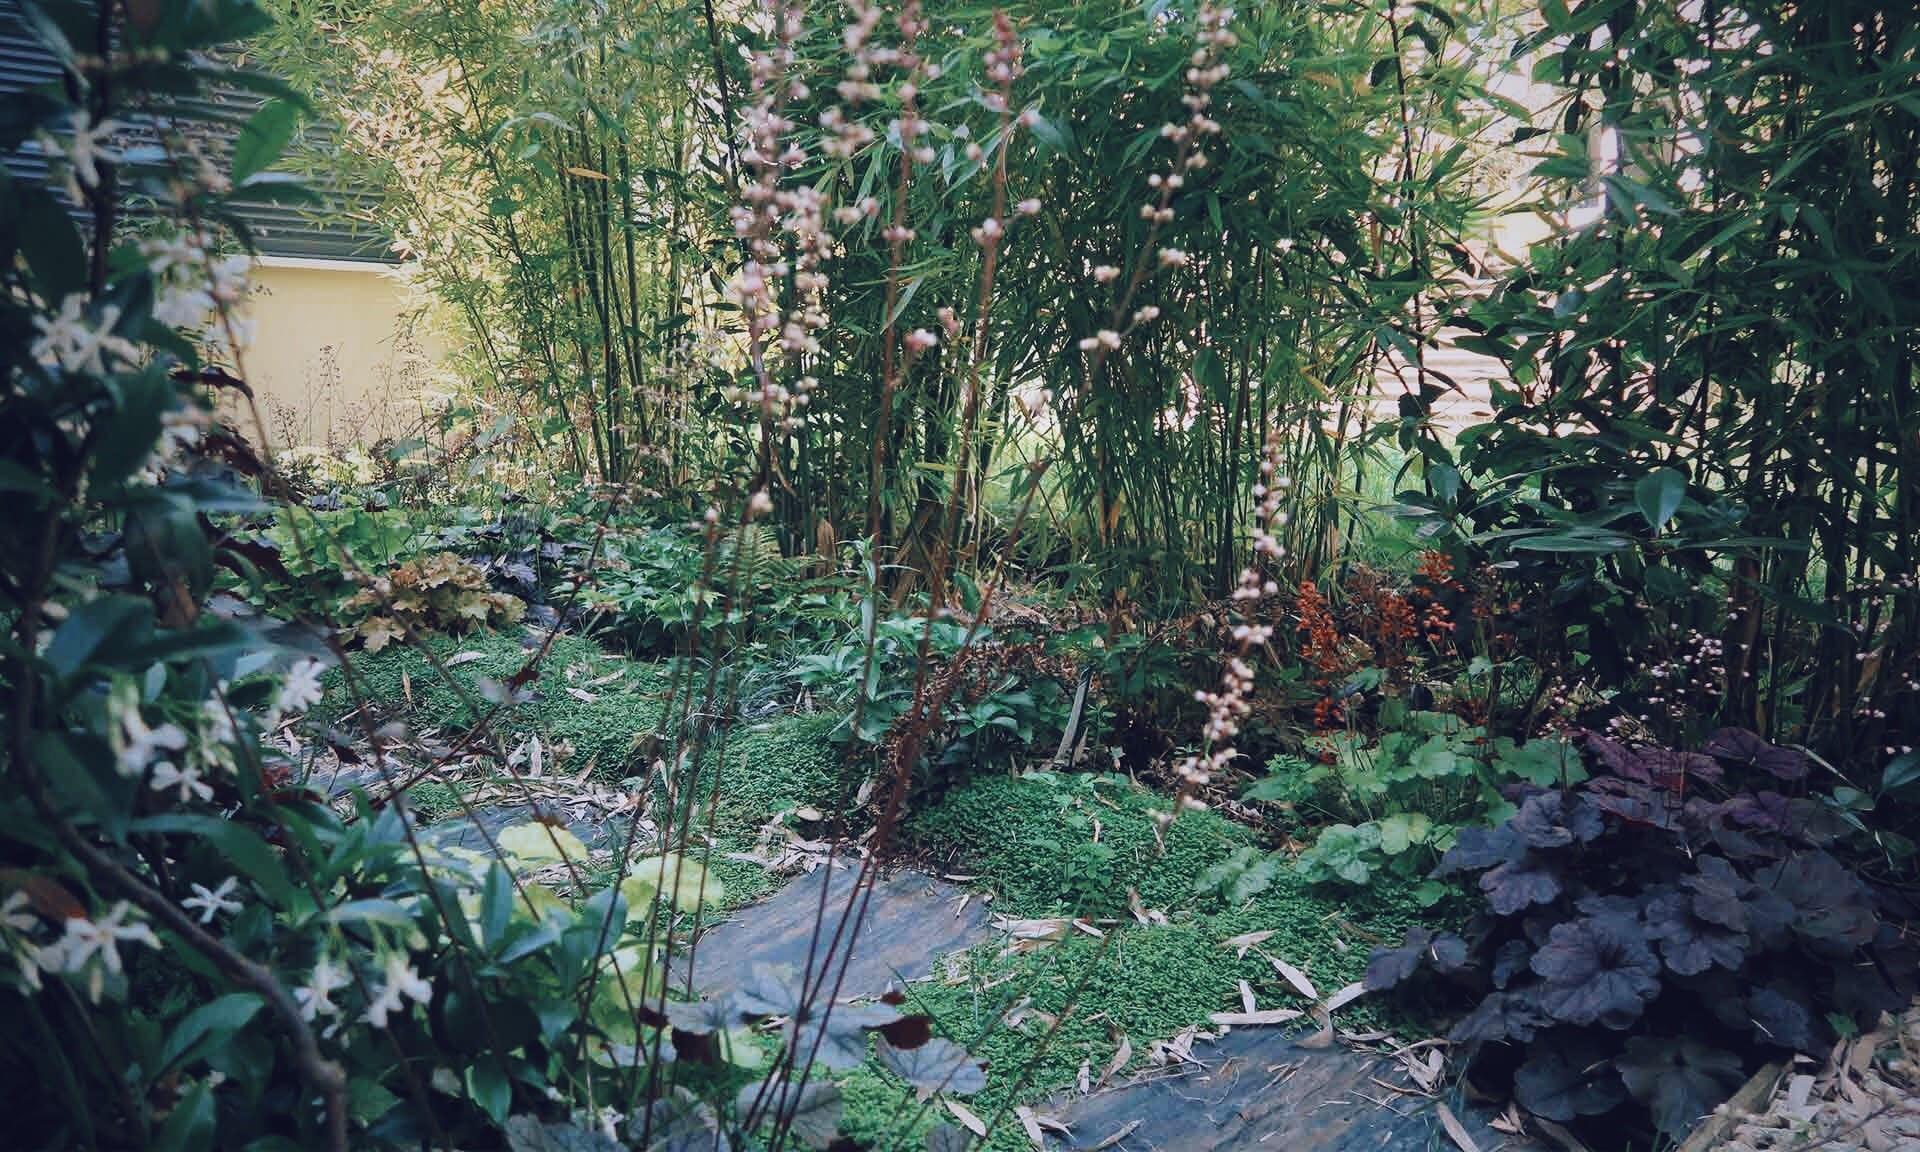 02_Nordscape_accueil_jardin-vivaces-chemin-ardoise-3